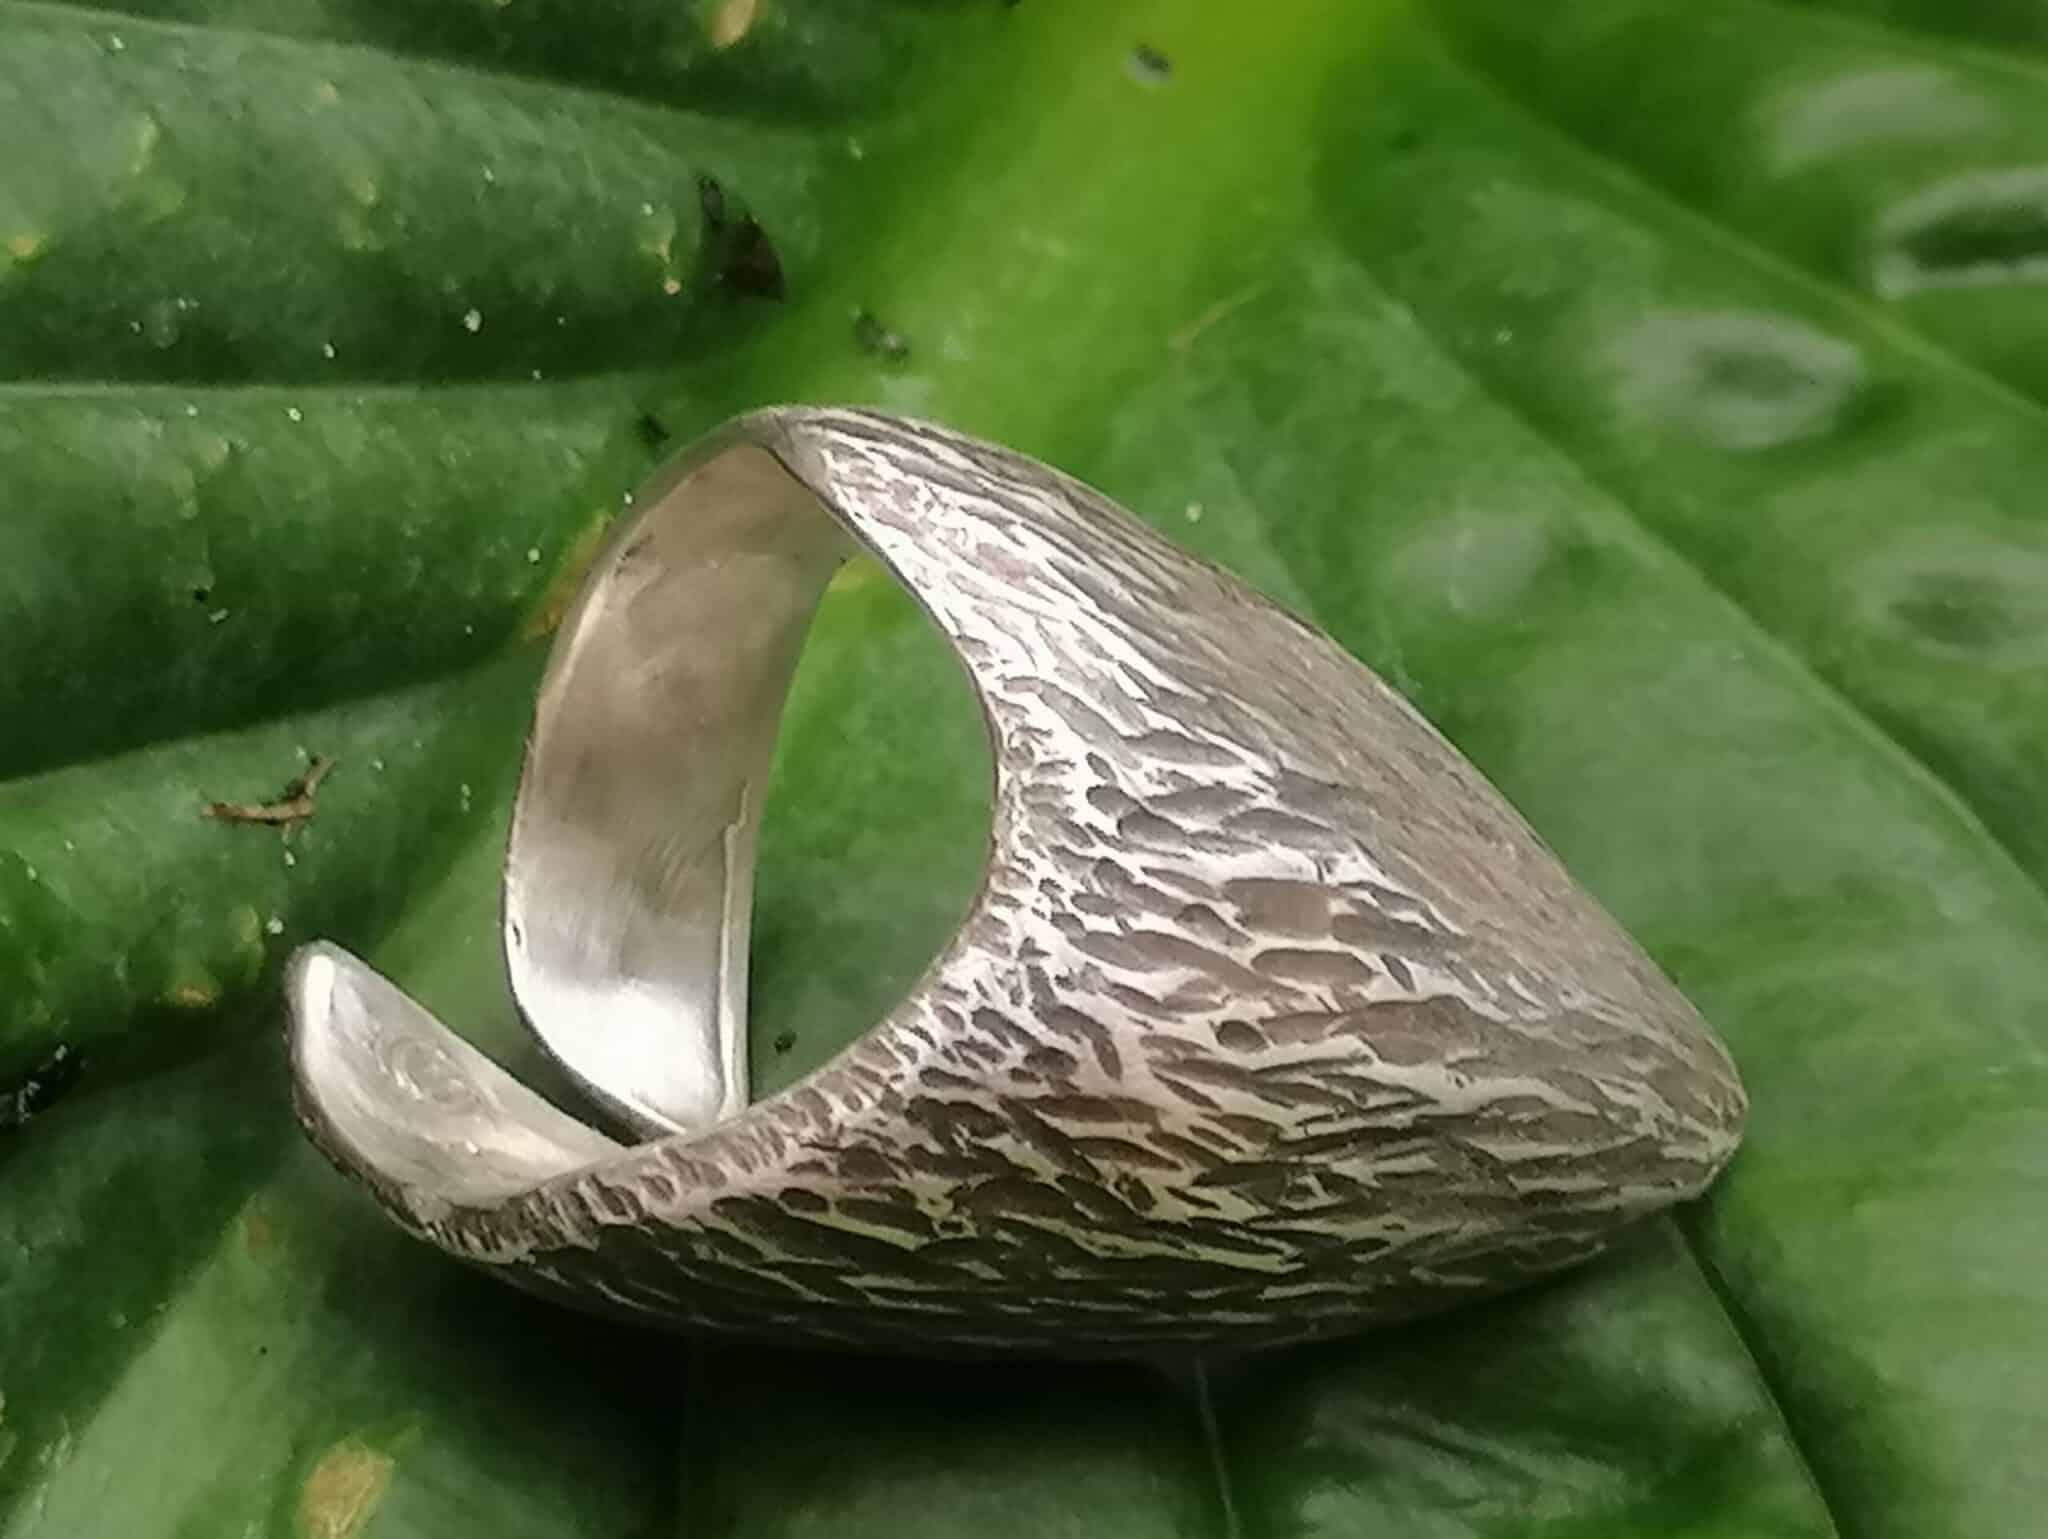 Ring Silber 925 Kralle ergonomisch flächig geschmiedet gehämmert Rindenstruktur geschwärzt Ringgröße 56